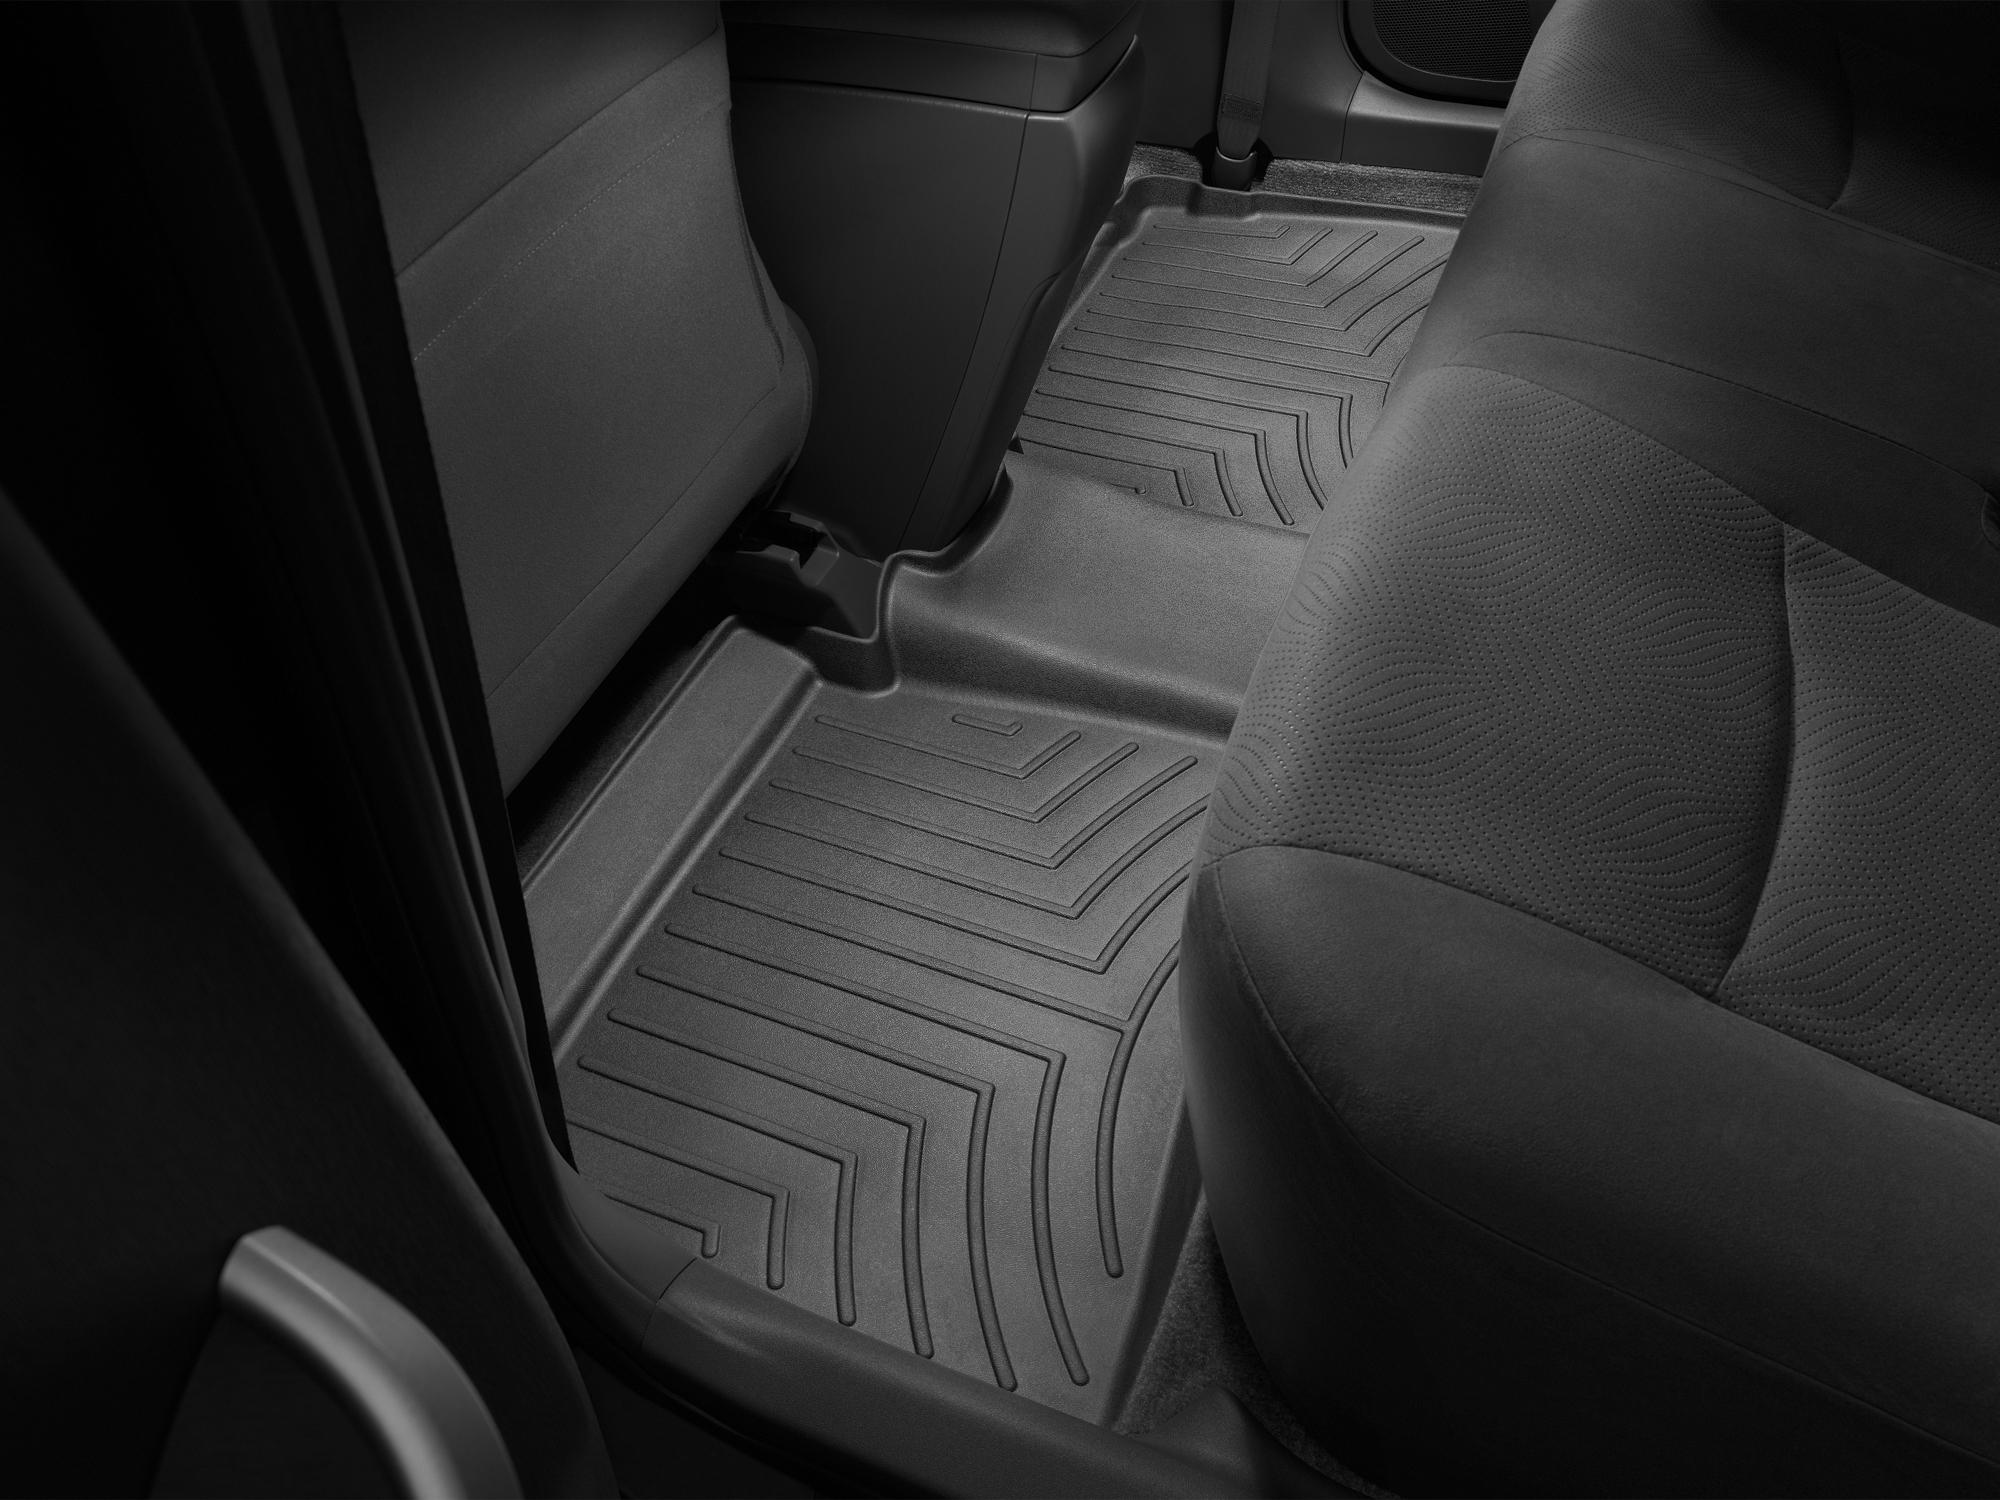 Tappeti gomma su misura bordo alto Toyota Prius 10>15 Nero A3761*